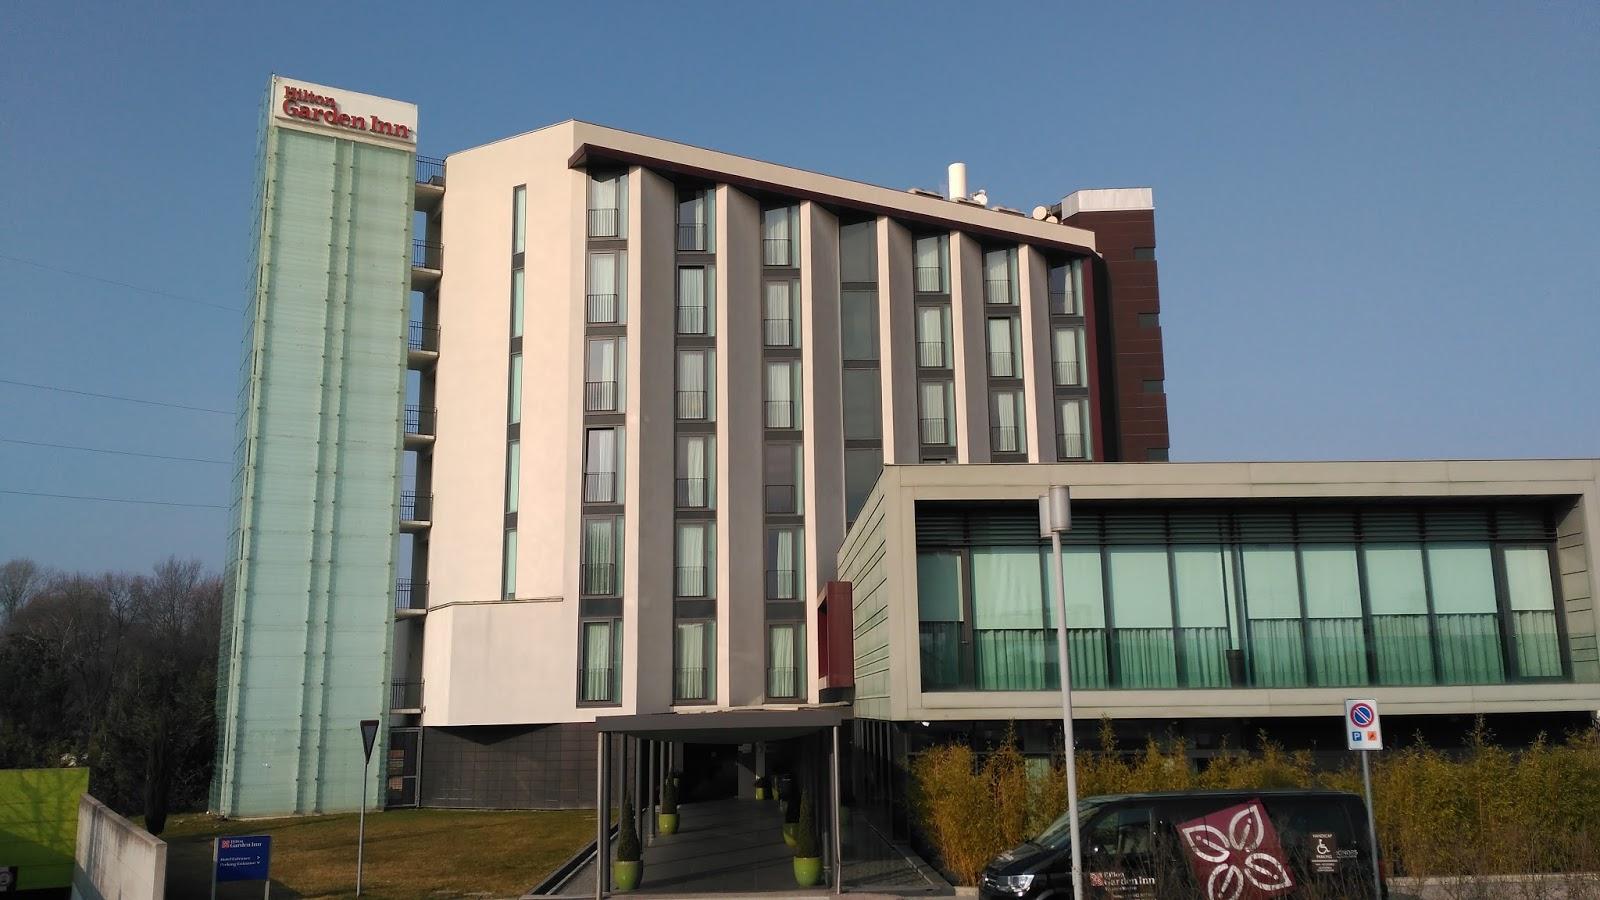 De lo bueno, lo mejor: HOTEL HILTON GARDEN INN VENECIA